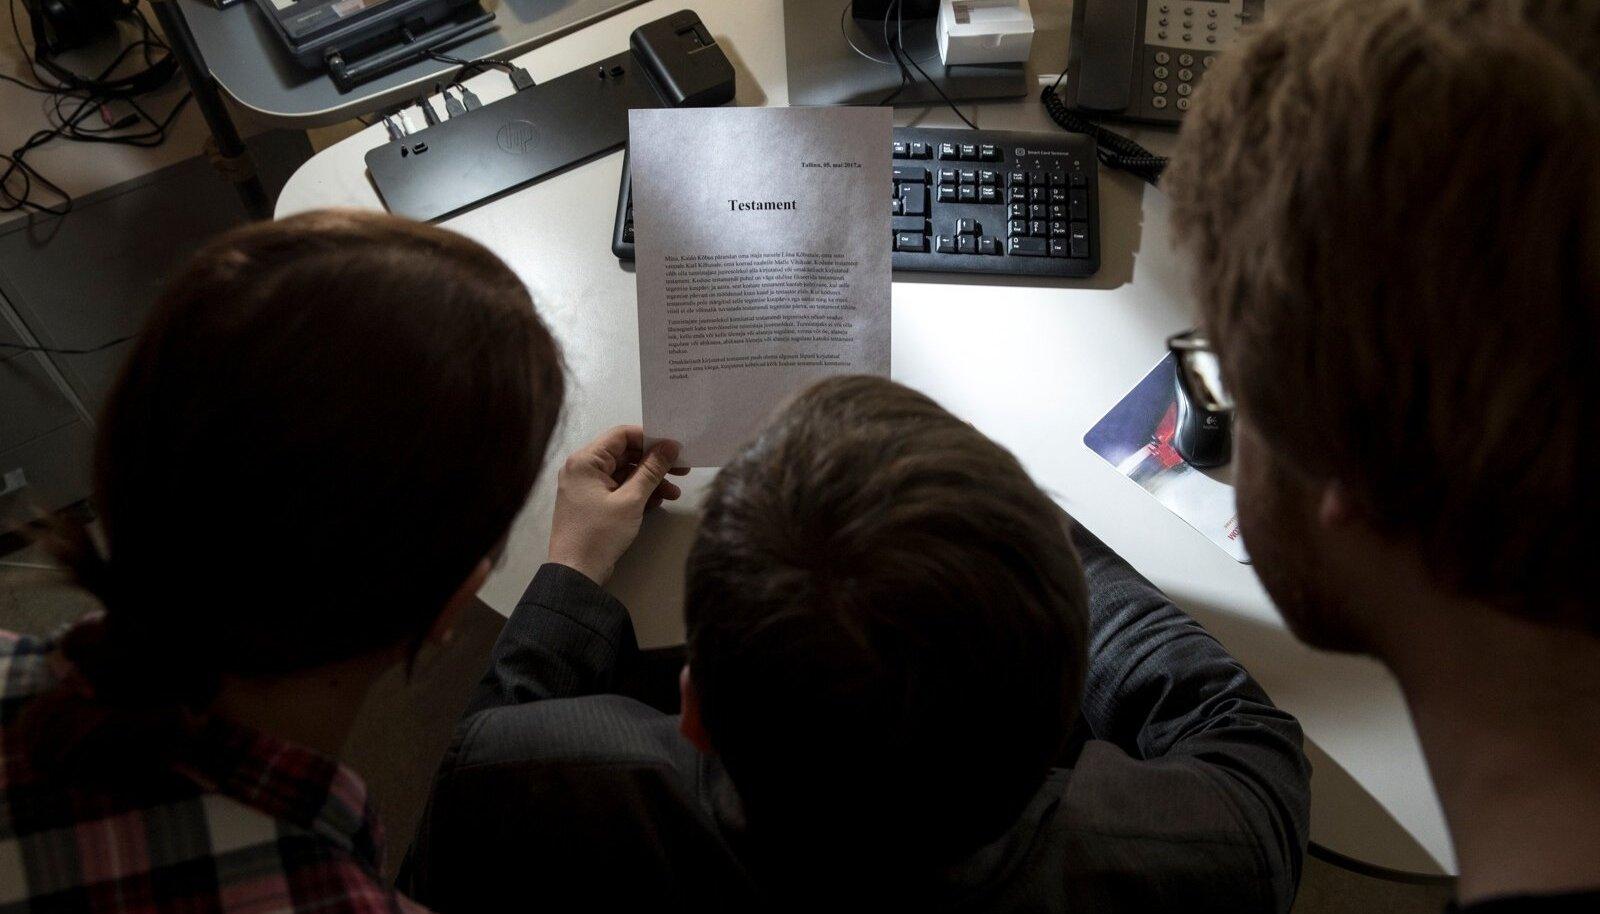 Andmejälgija kaudu sai avalikuks, et inimene oli notari juures käinud – info, mis peaks muidu olema salajane.